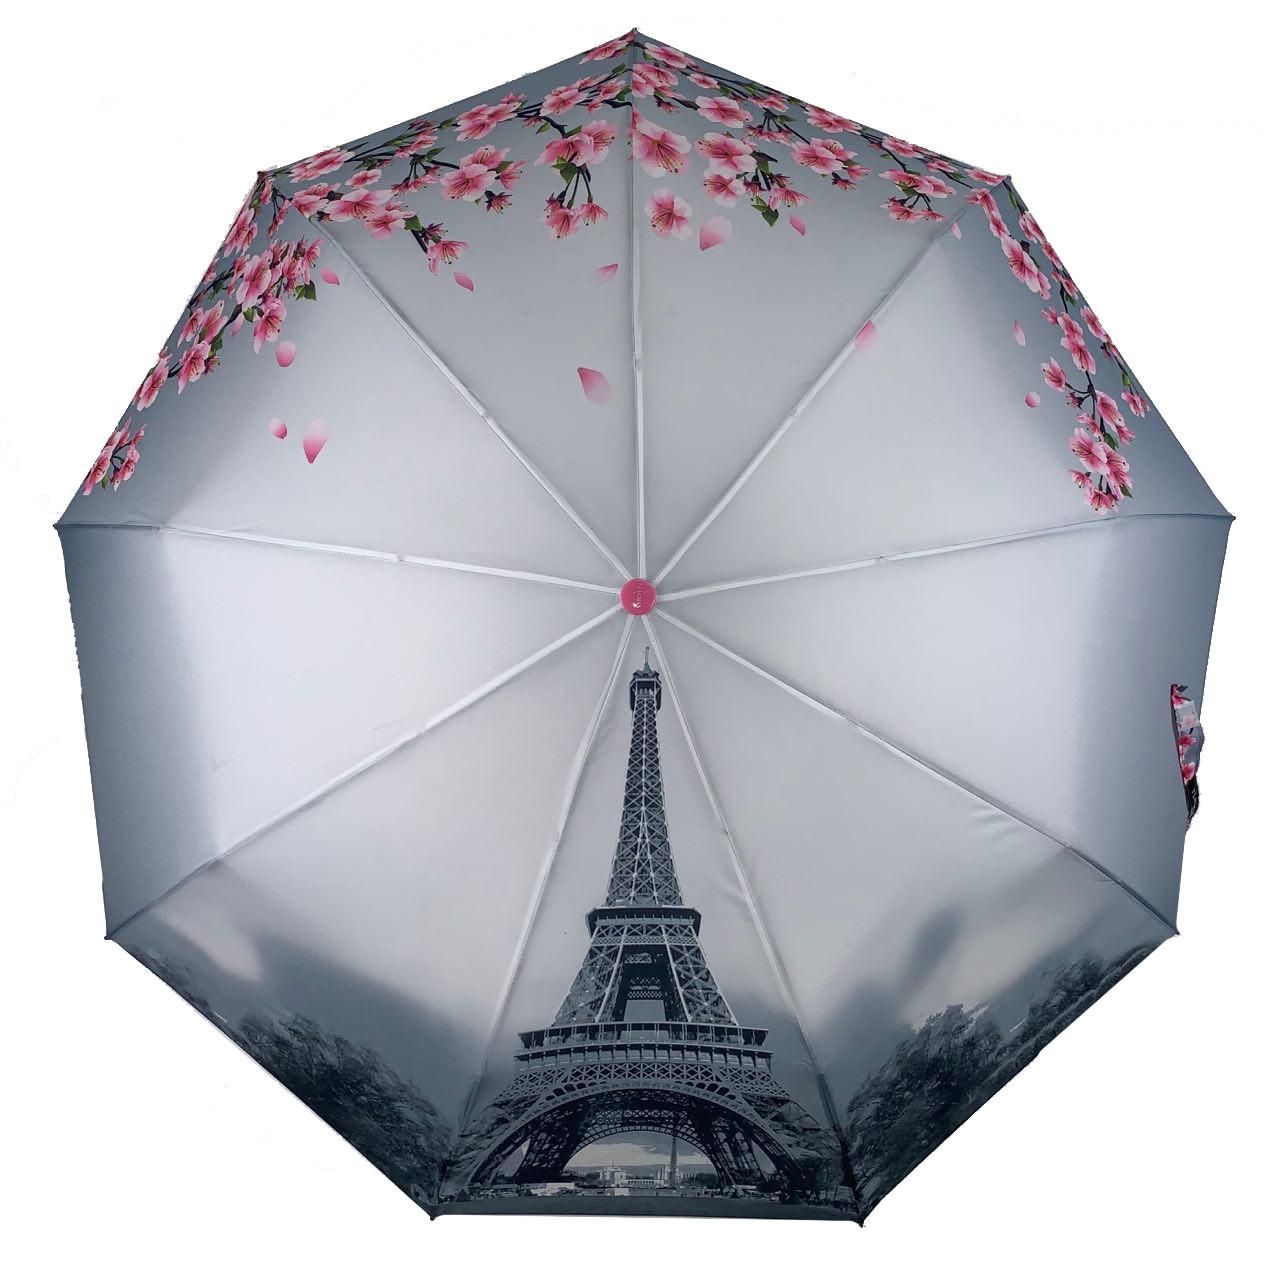 Женский зонт-полуавтомат Flagman с Эйфелевой башней и сакурой, розовый, 744-1